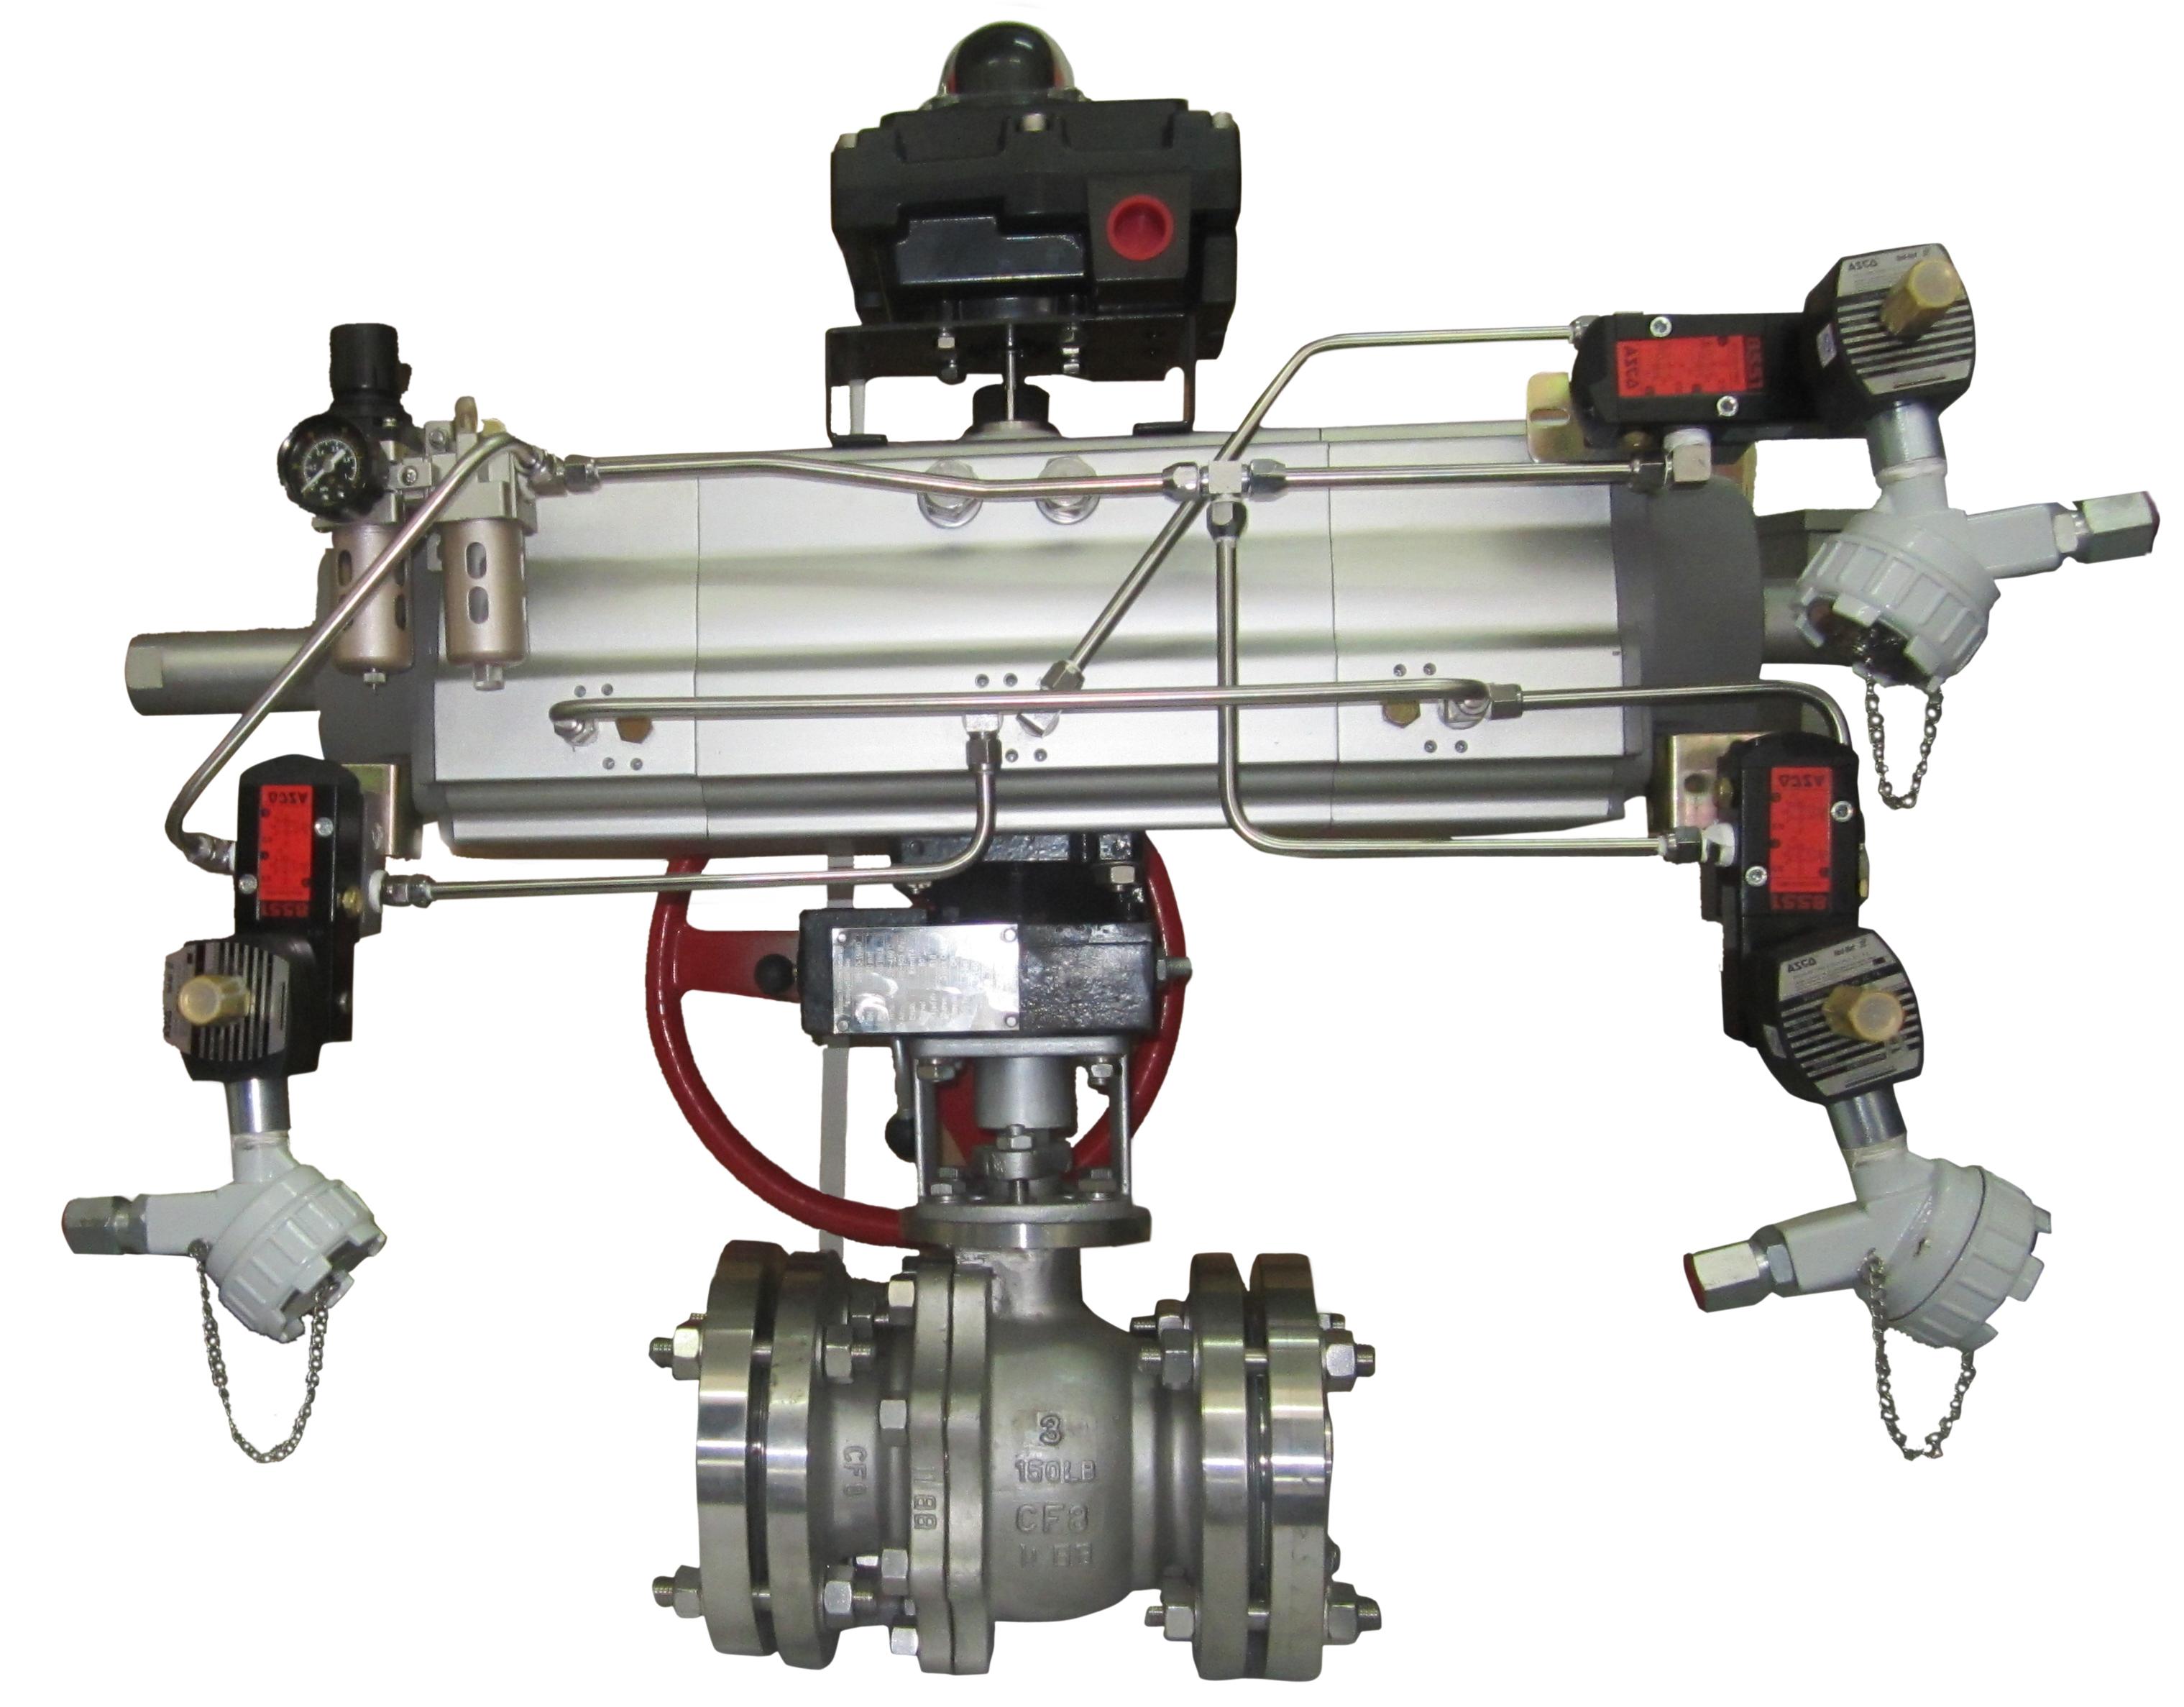 气动活塞三段式切断球阀主要由图片